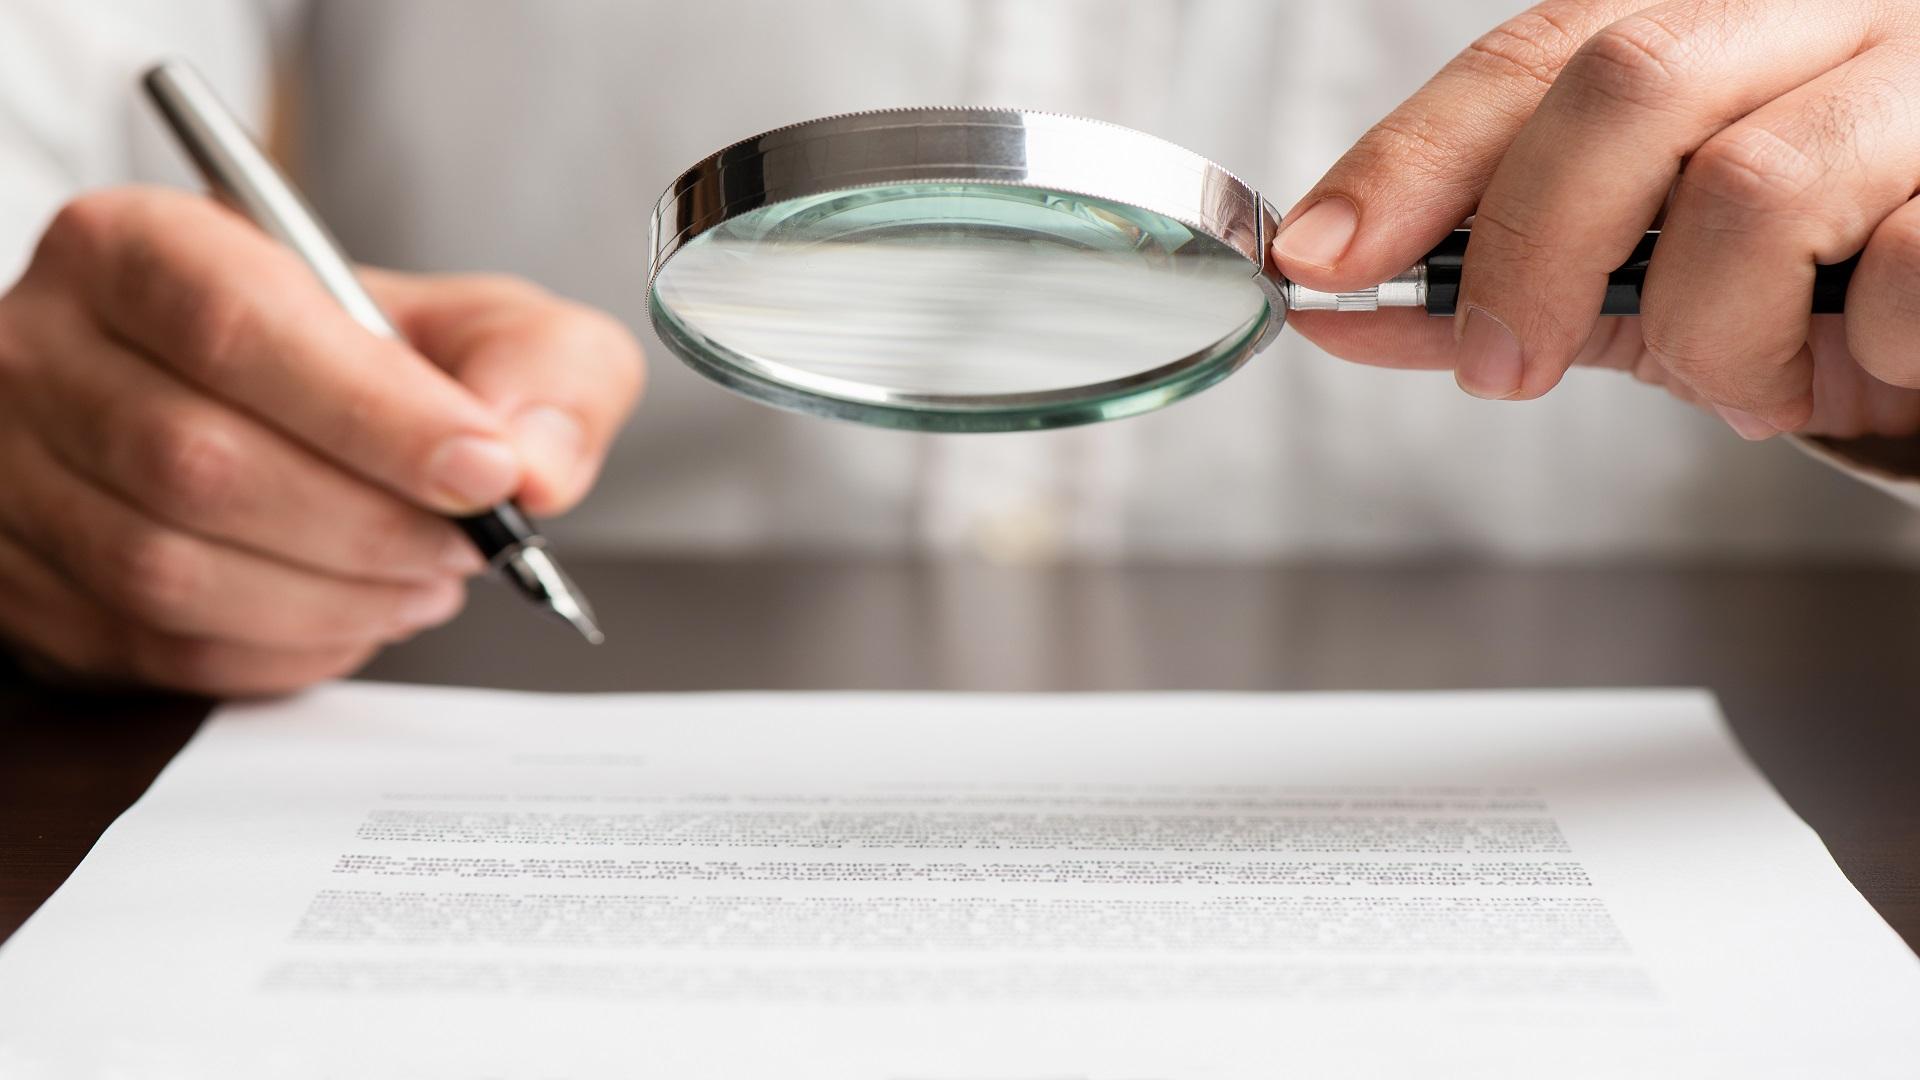 مشاوره پروپوزال نویسی - چرا باید مقاله علمی ارائه کنیم؟